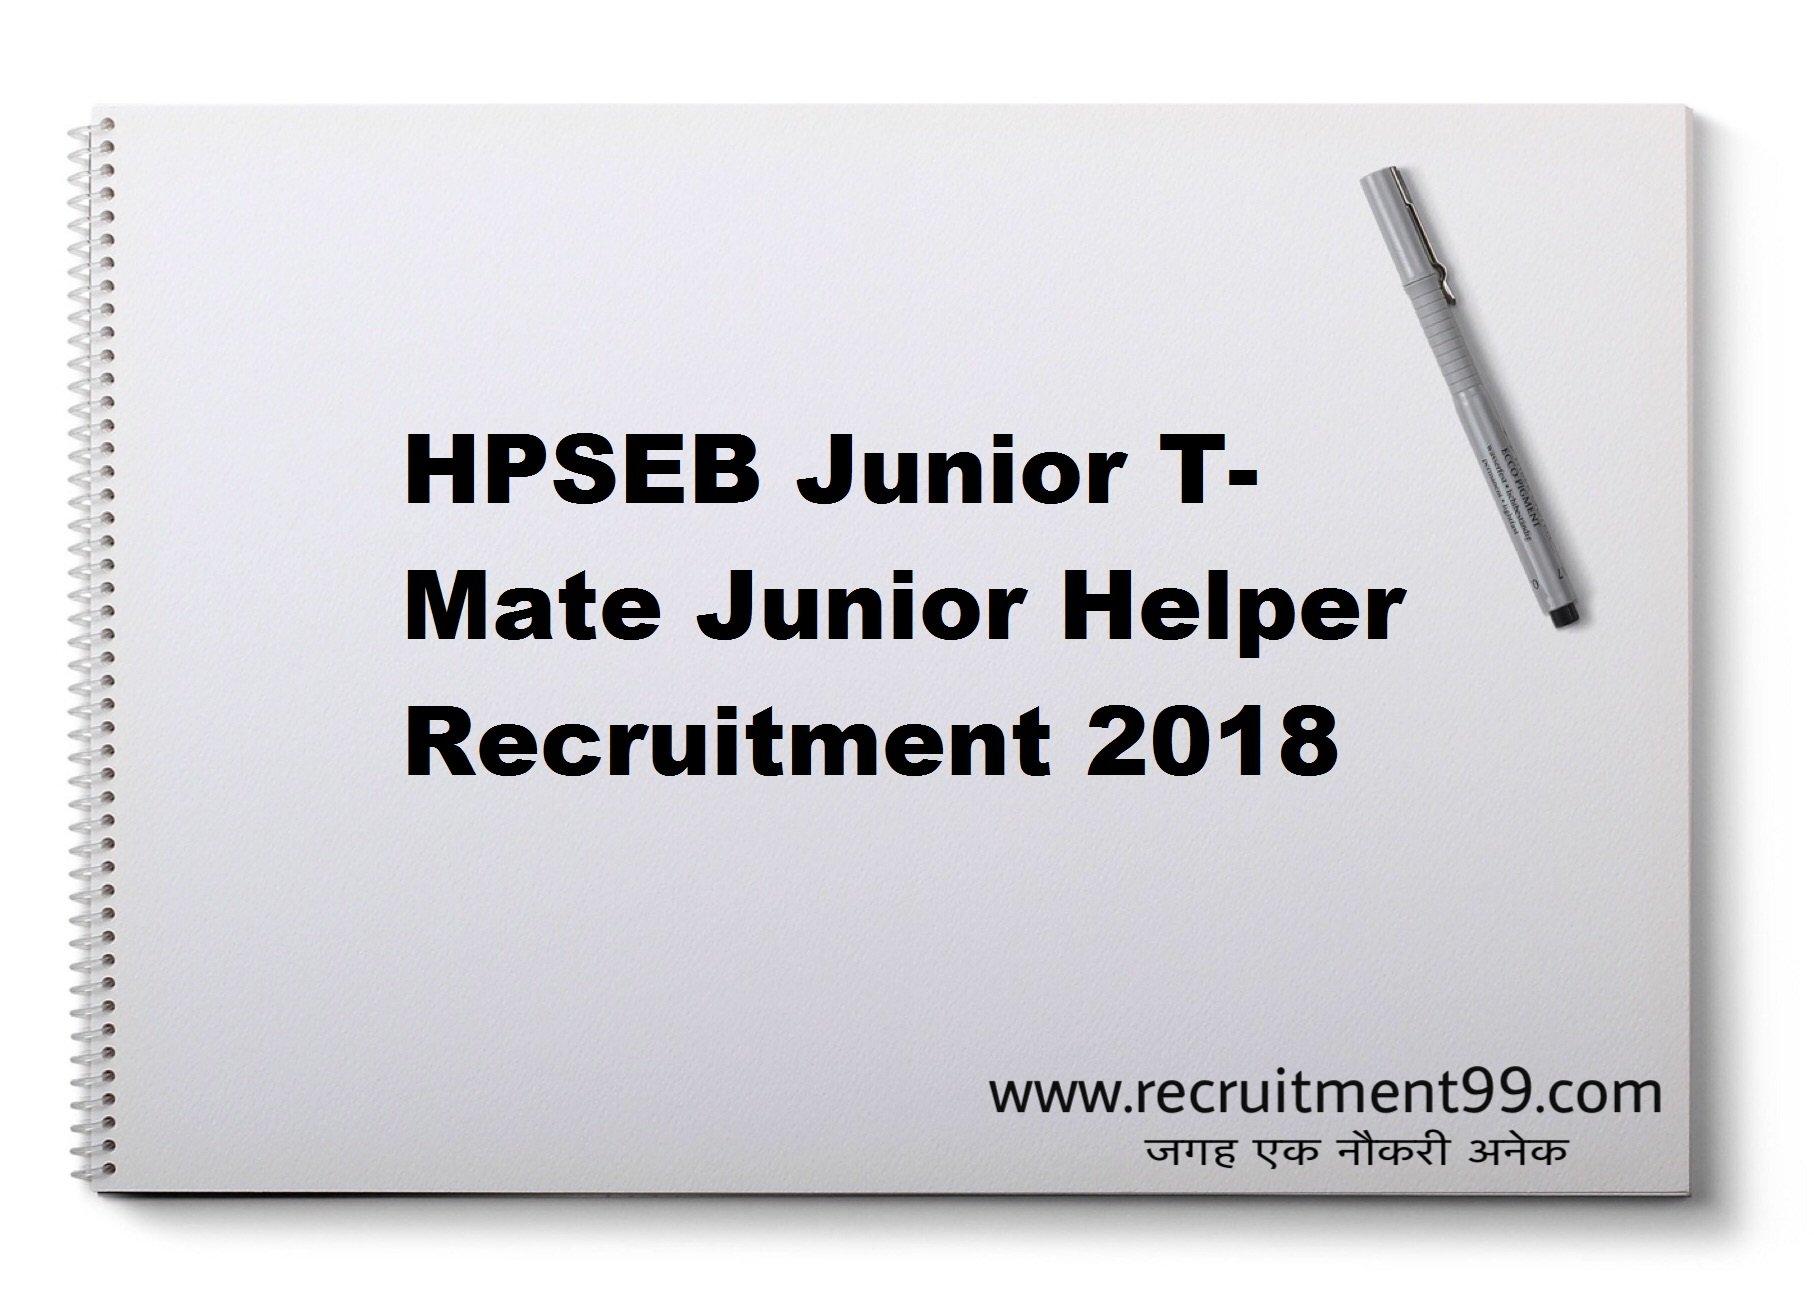 HPSEB Junior T- Mate Junior Helper Recruitment Admit Card Result 2018